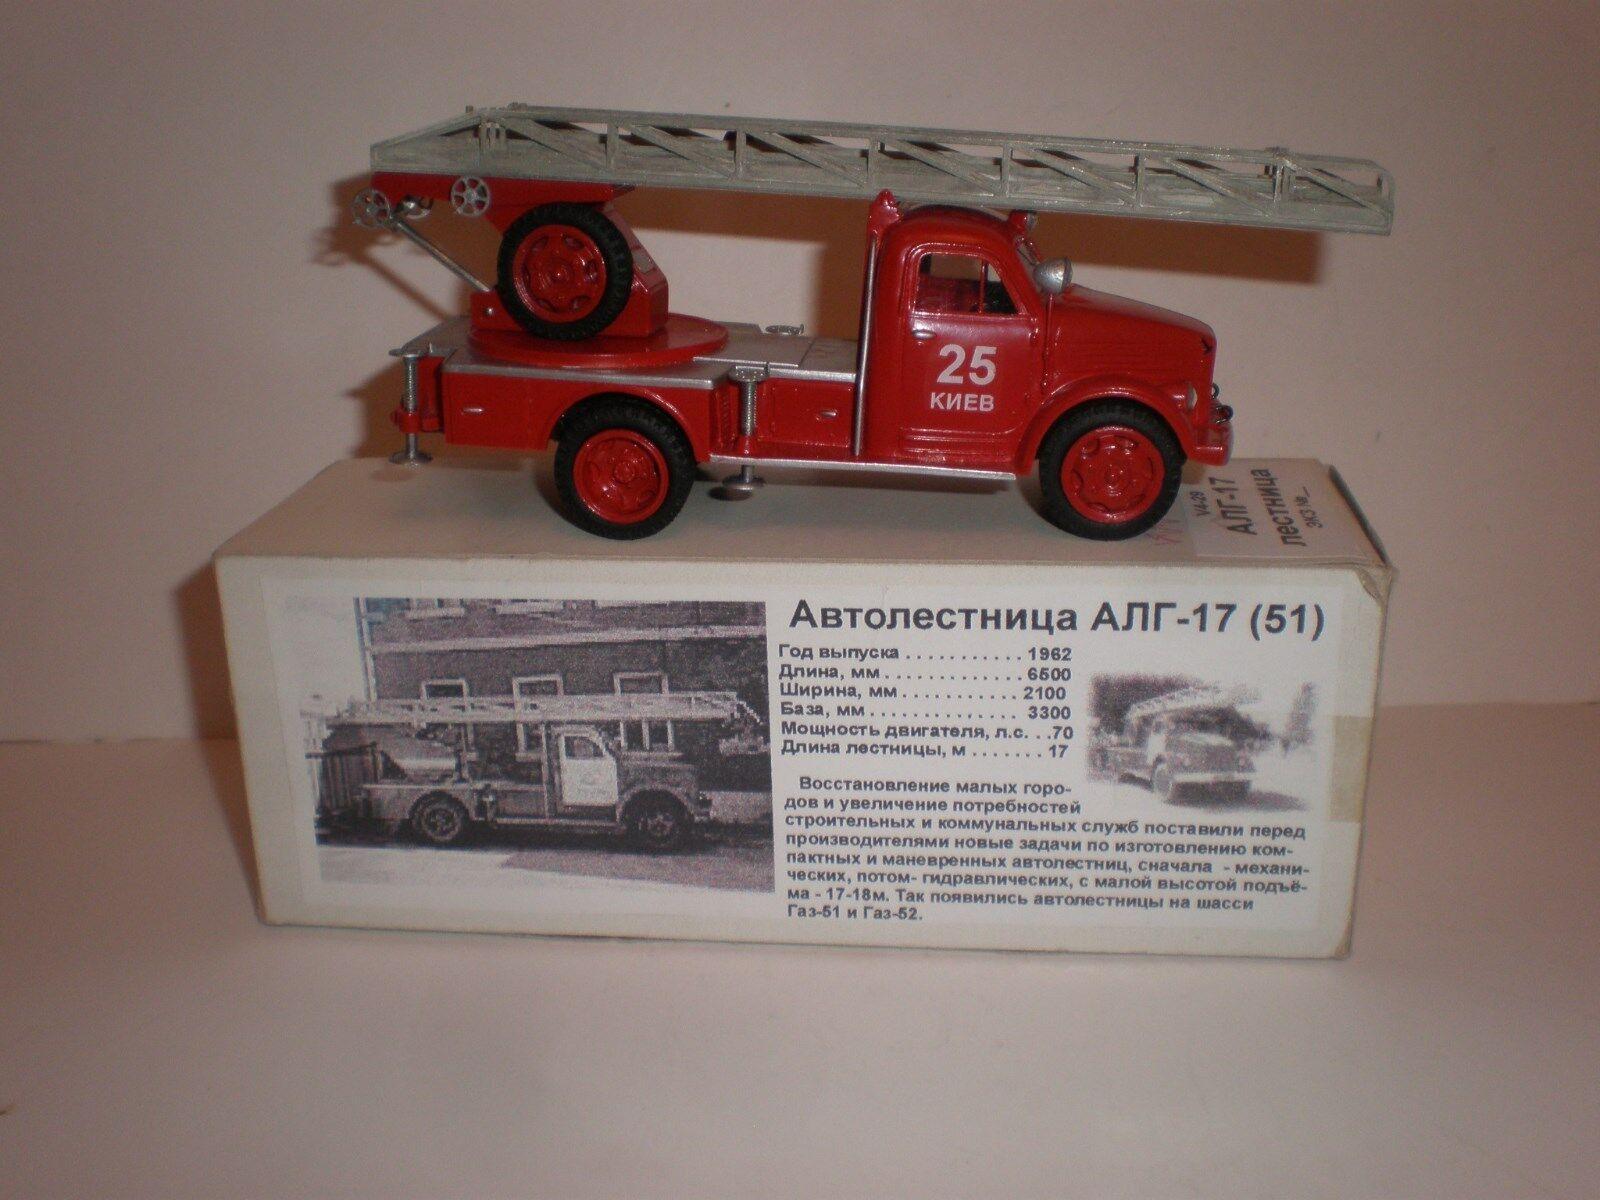 Ruso escalera de incendios escalera ALG-17 en chasis GAZ-51 modelos de vector década de 1970